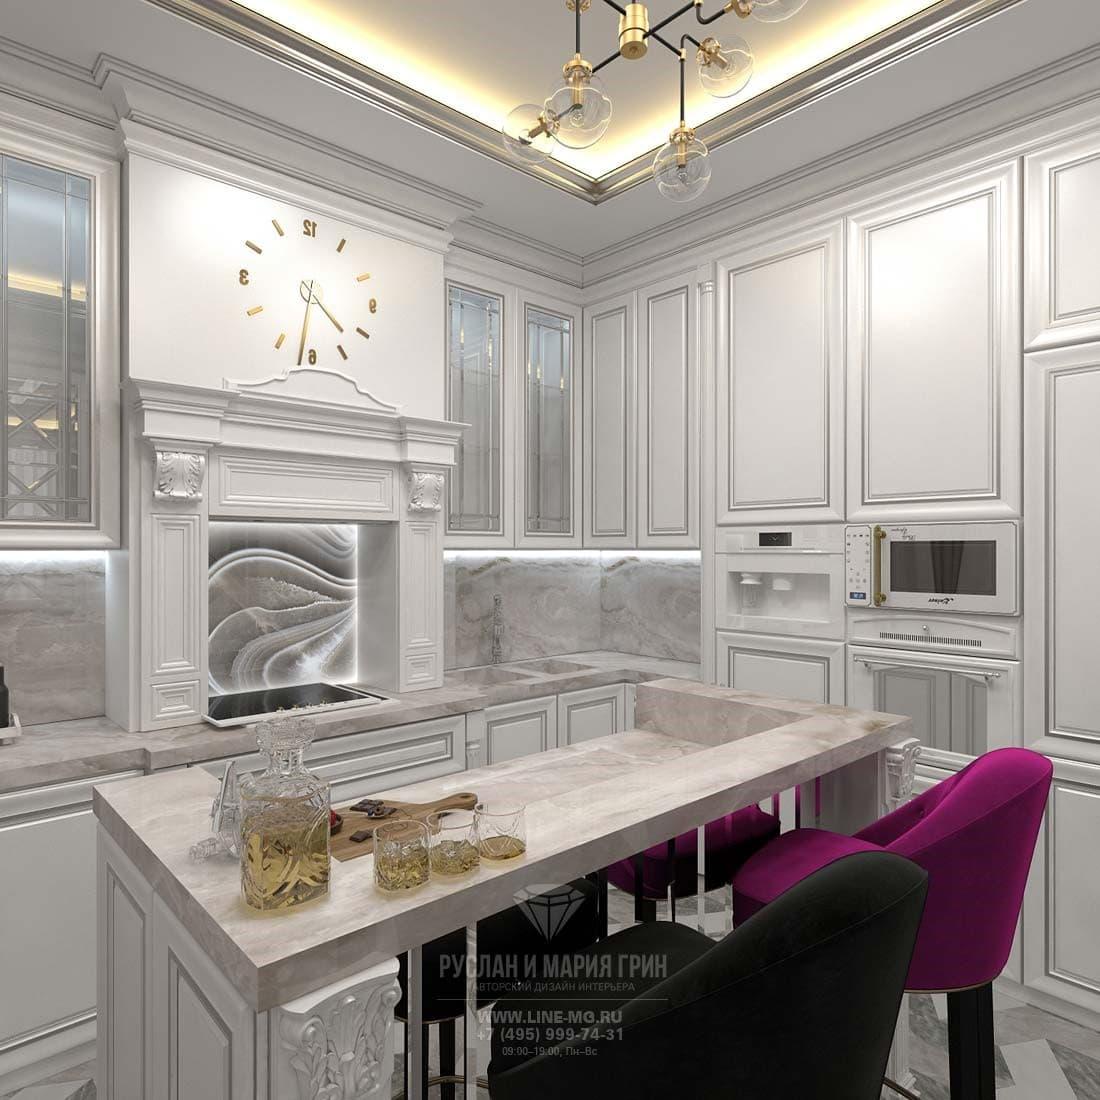 Дизайн интерьера кухни в трехкомнатной квартире